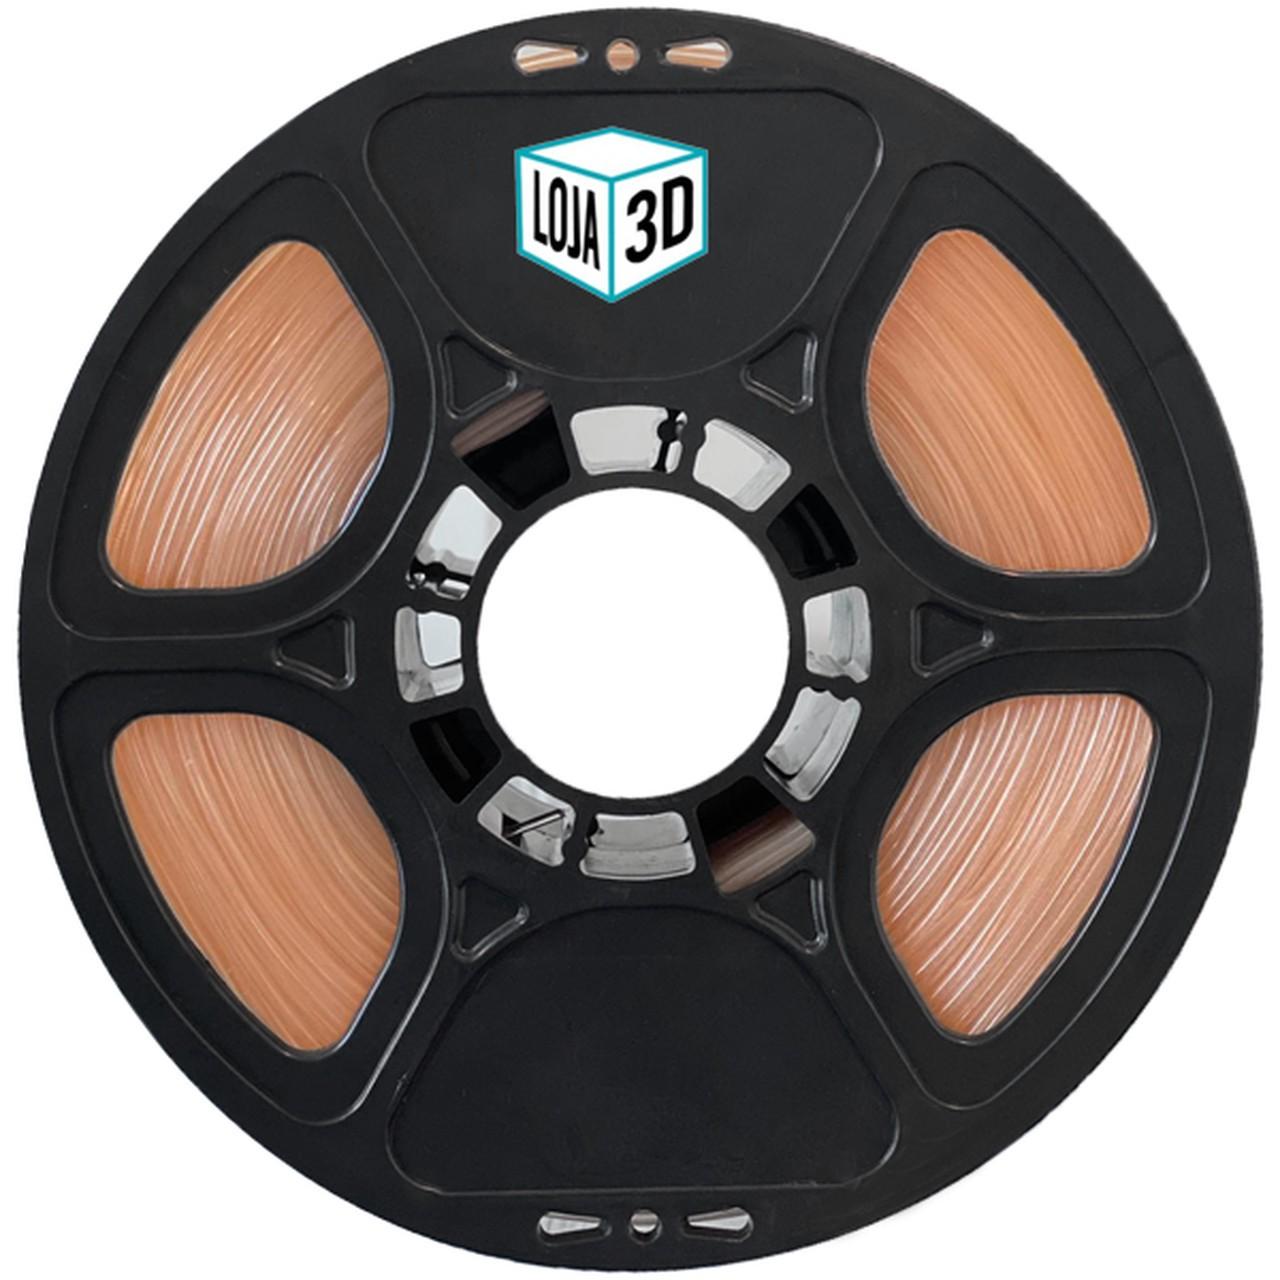 Filamento Flex TPU Premium - Laranja Telha - Loja 3D - 1.75mm - 1kg